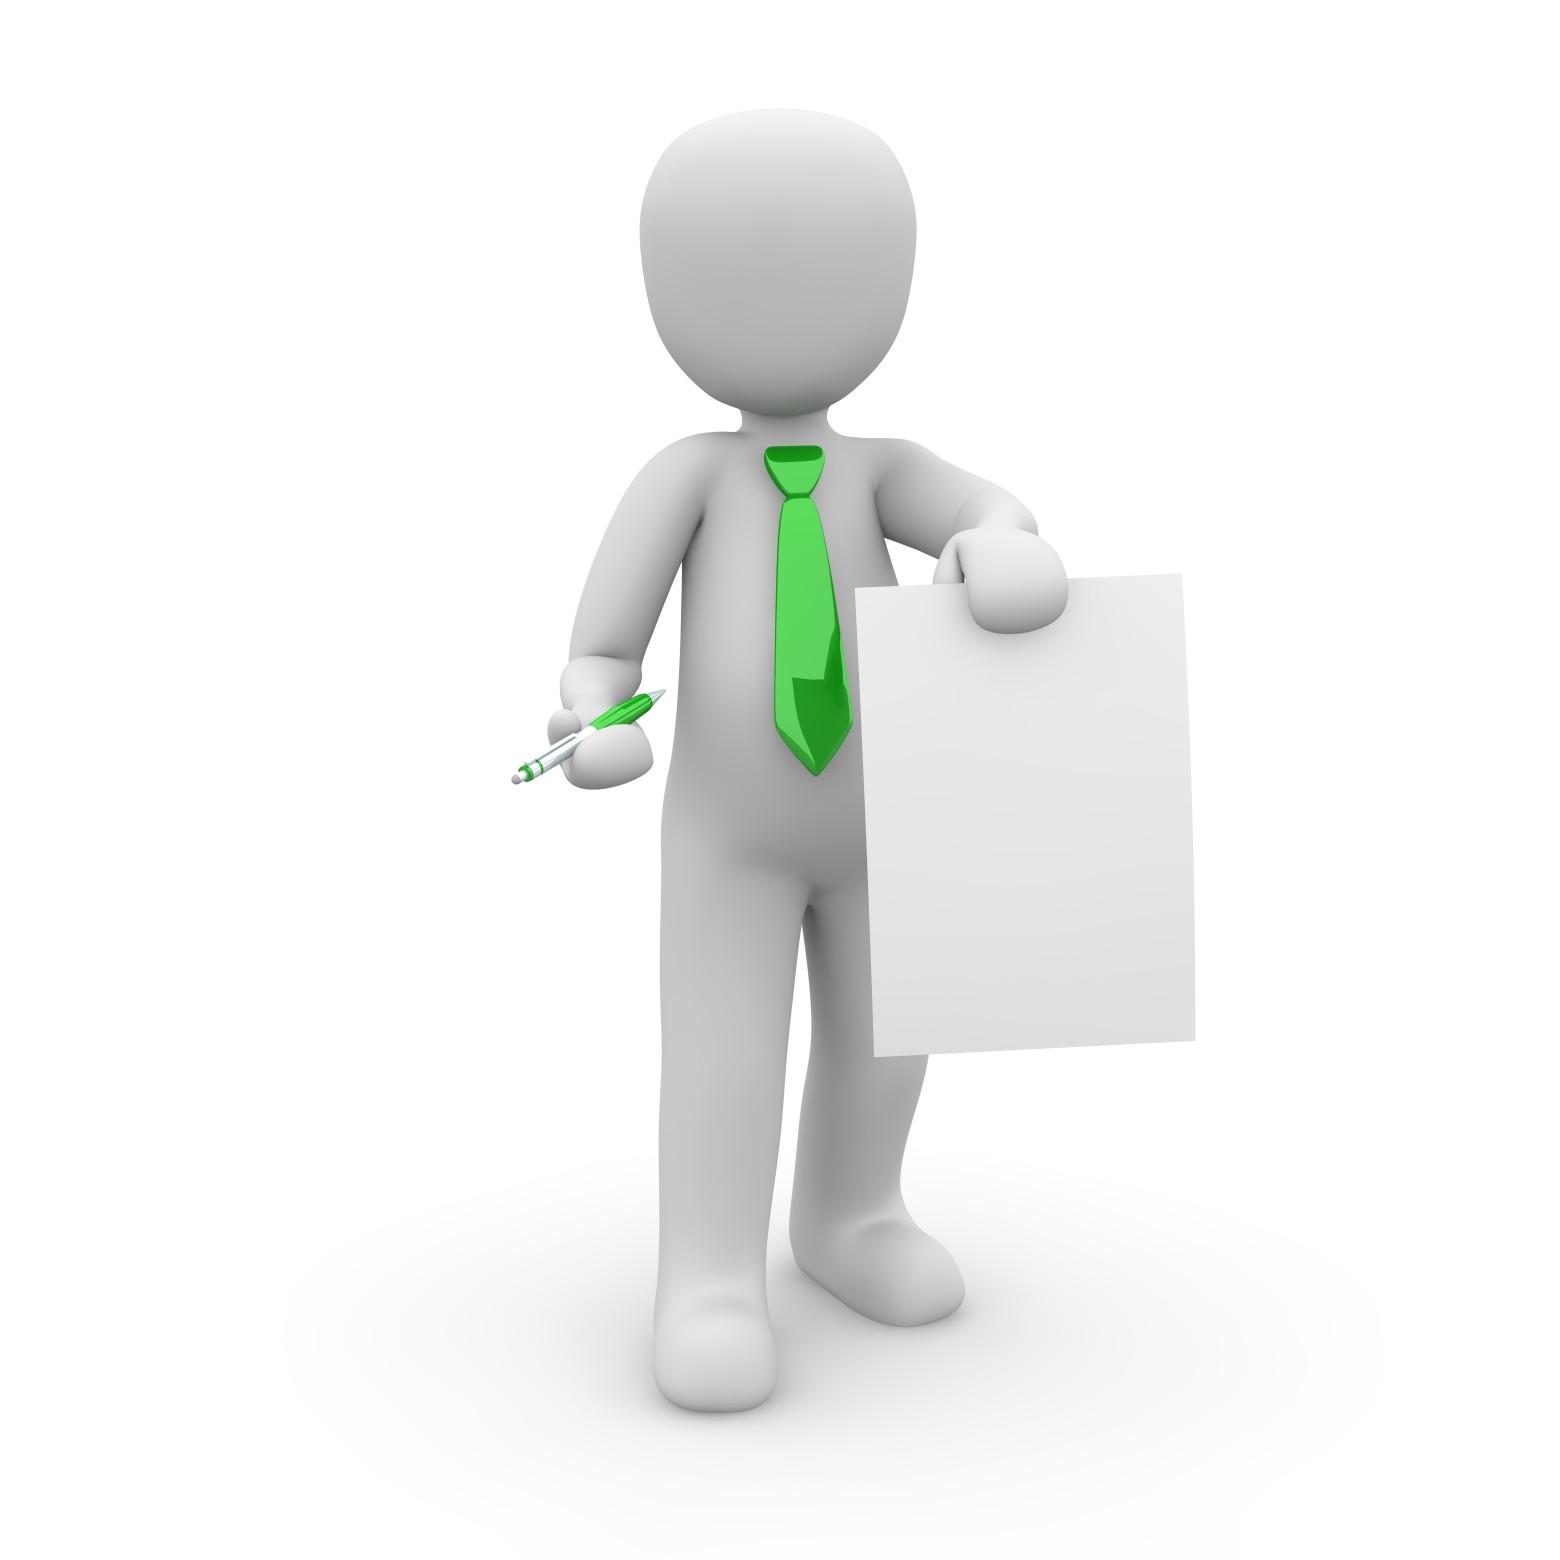 bonhomme blanc 3d business carte de visite images